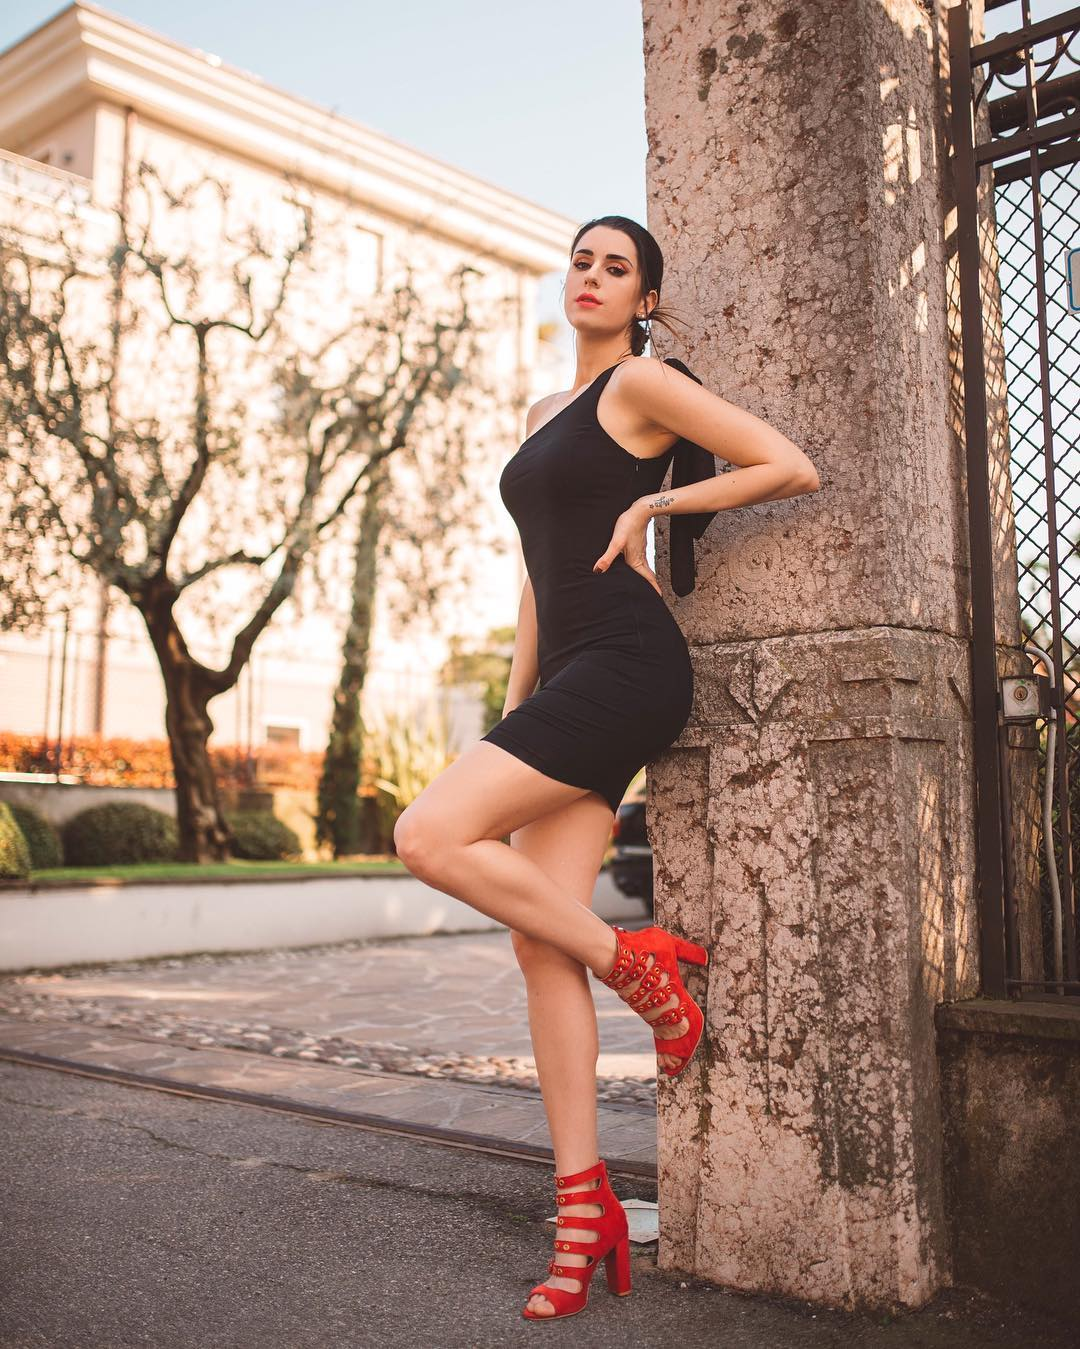 Valentina, provavelmente a jogadora de basquetebol mais sexy do mundo